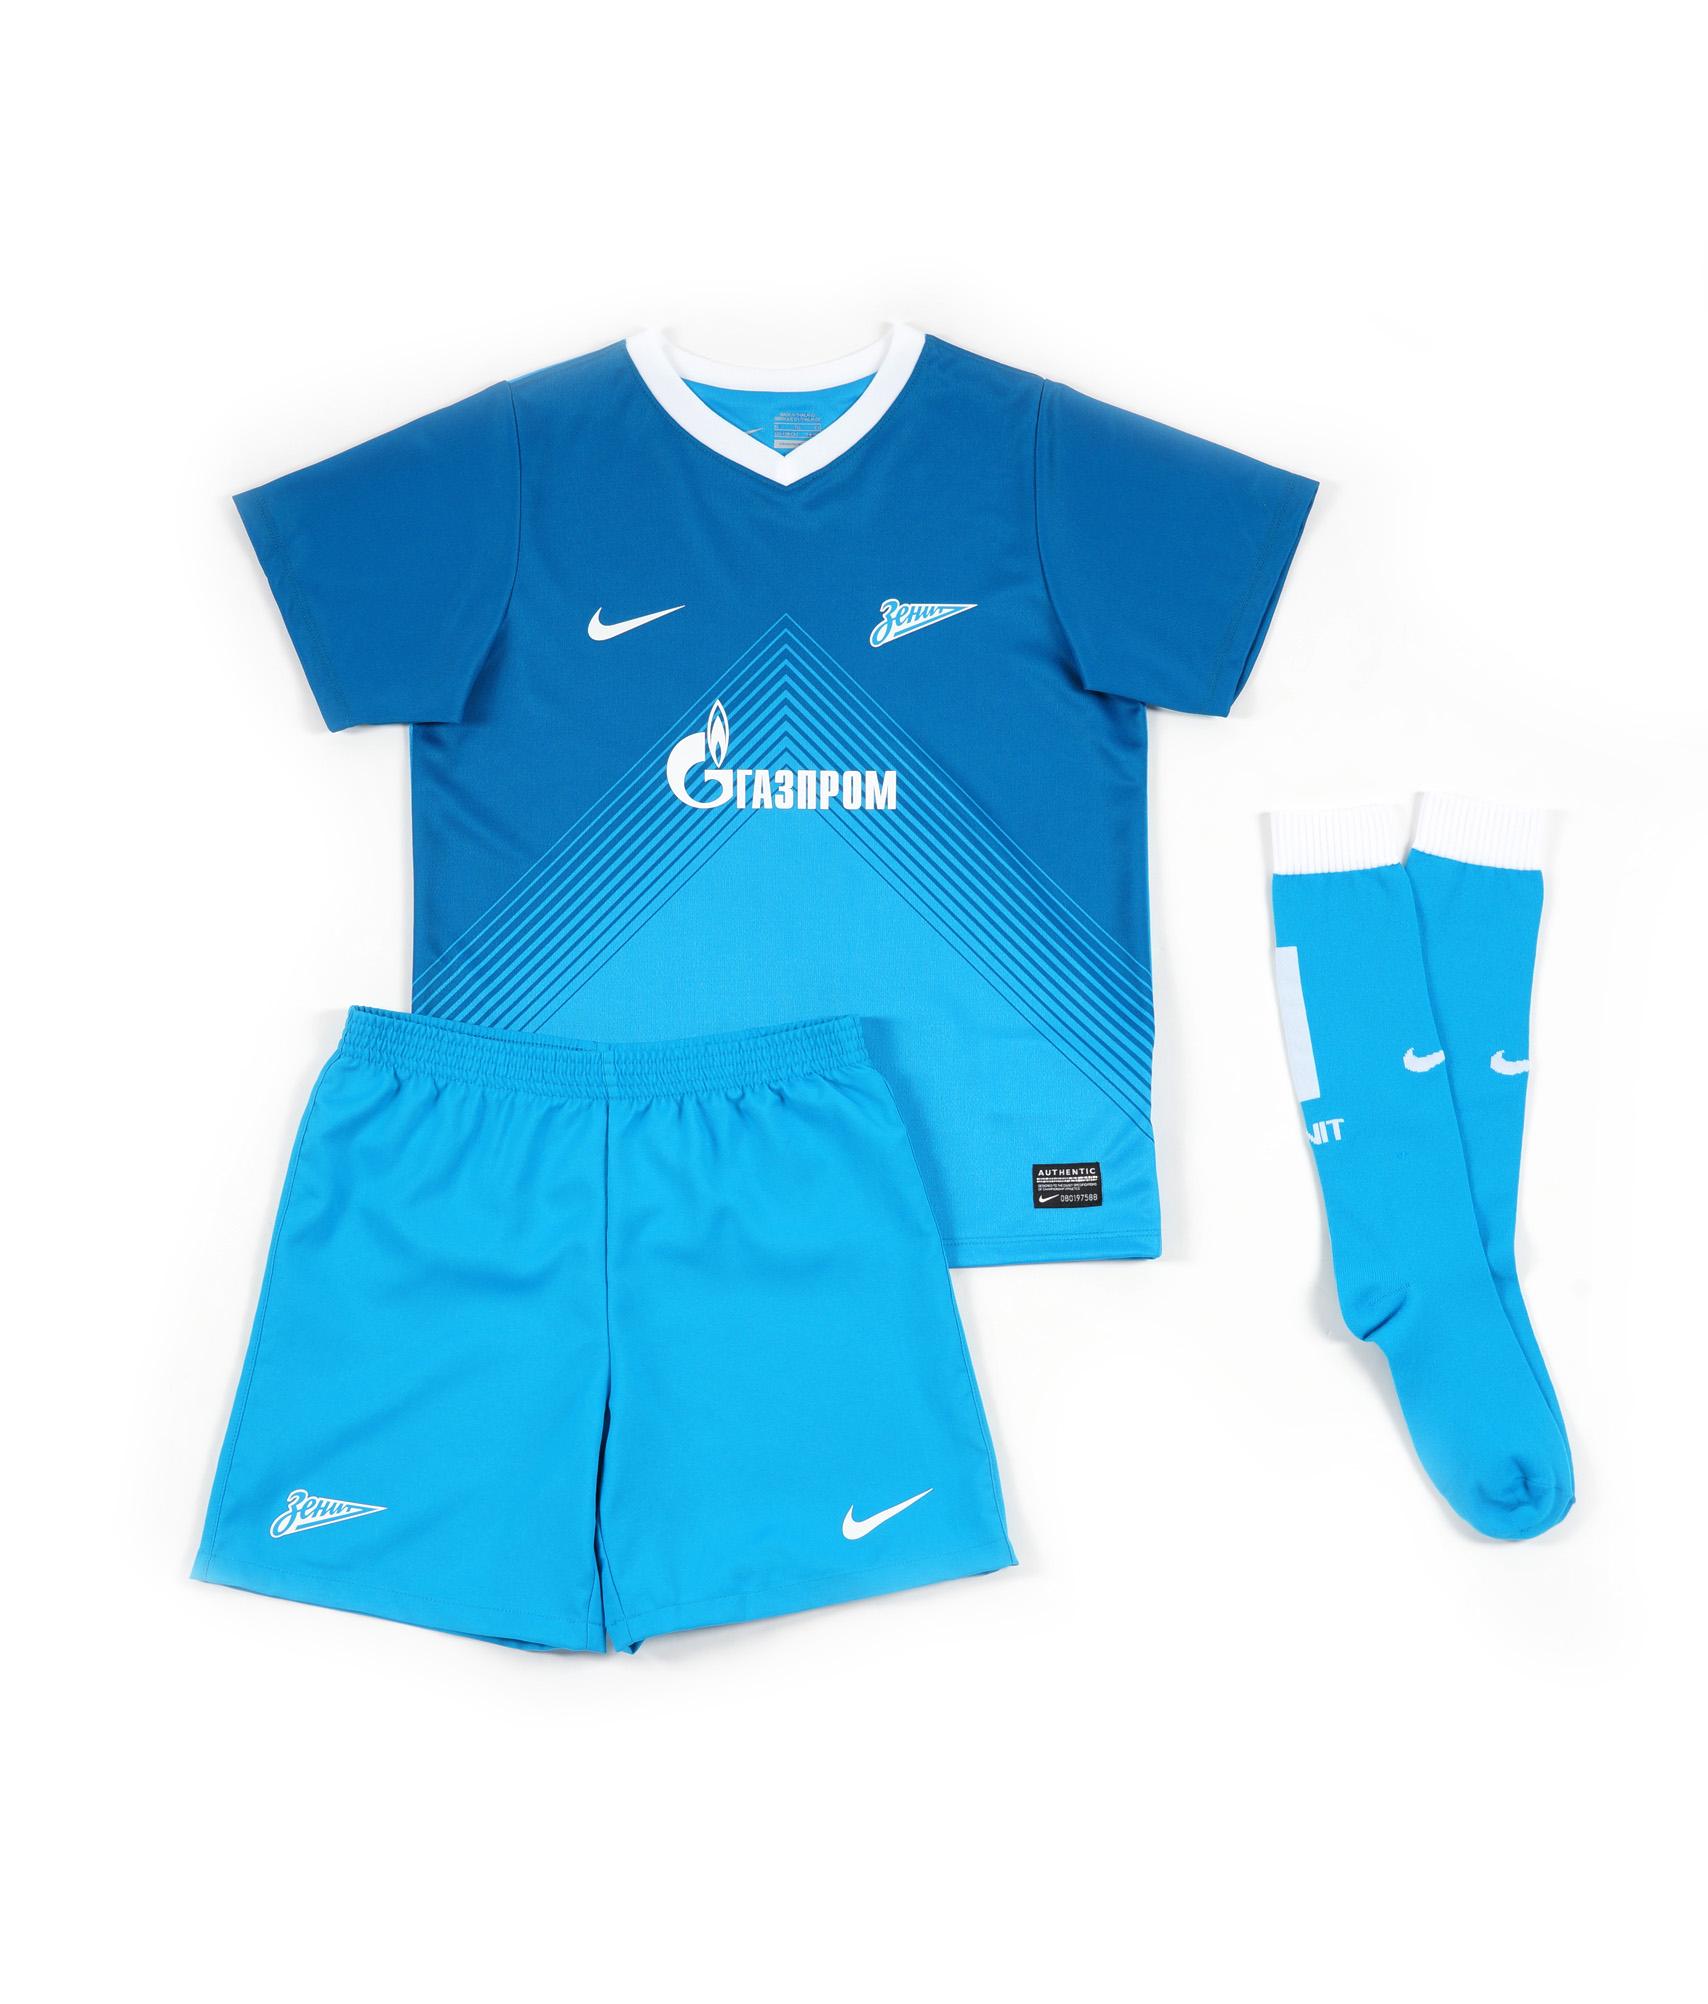 Комплект формы детский, Цвет-Синий, Размер-L